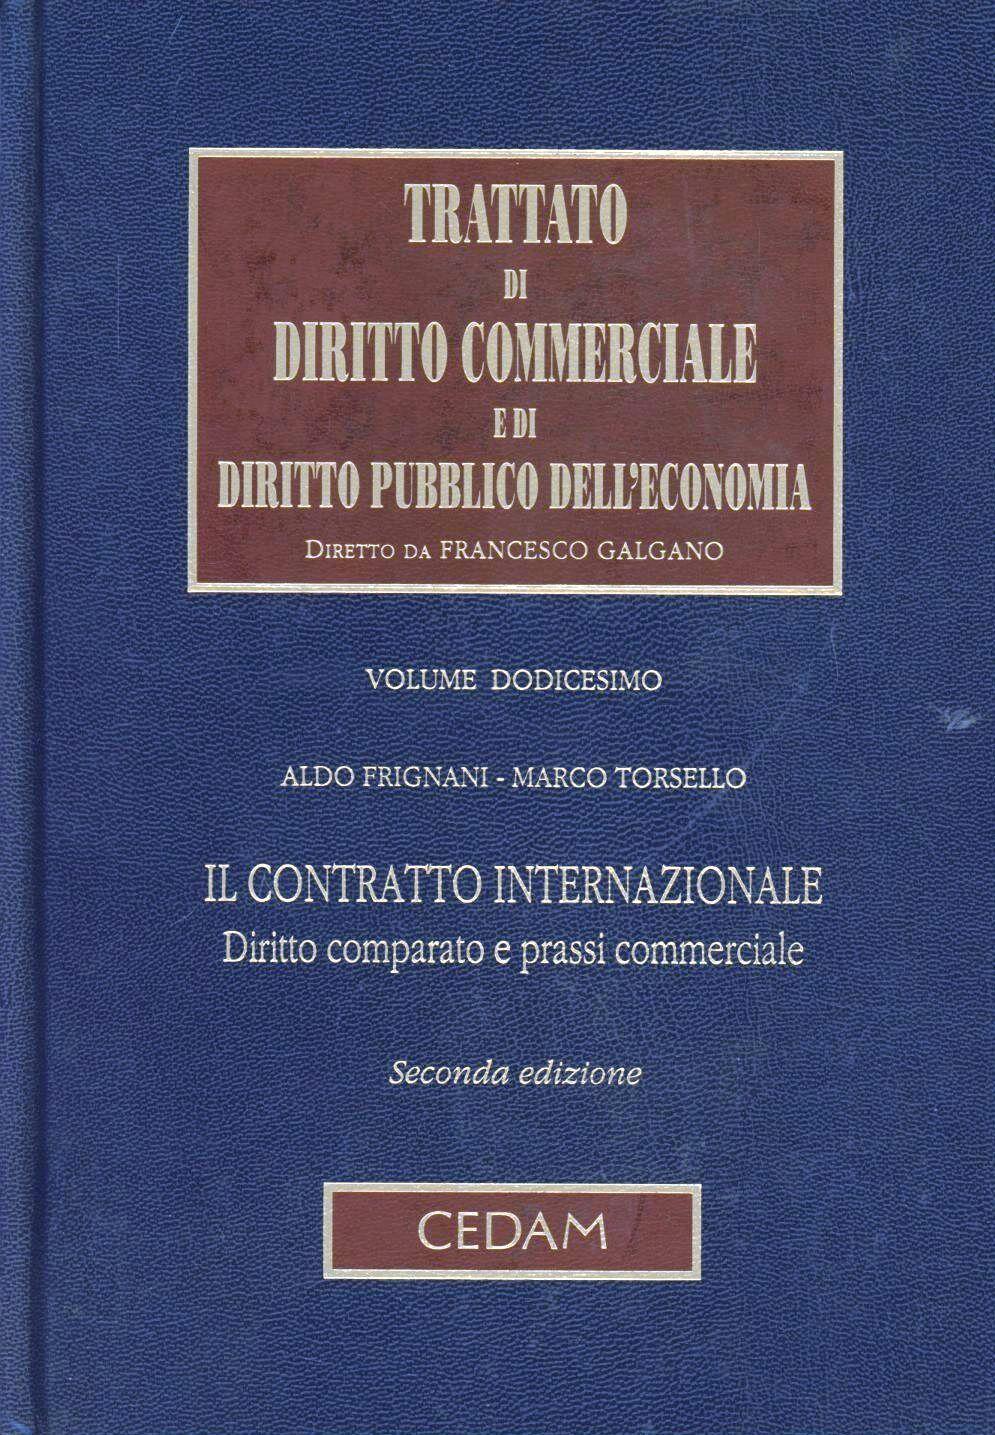 Trattato di diritto commerciale e di diritto pubblico dell'economia. Vol. 12: Il contratto internazionale.